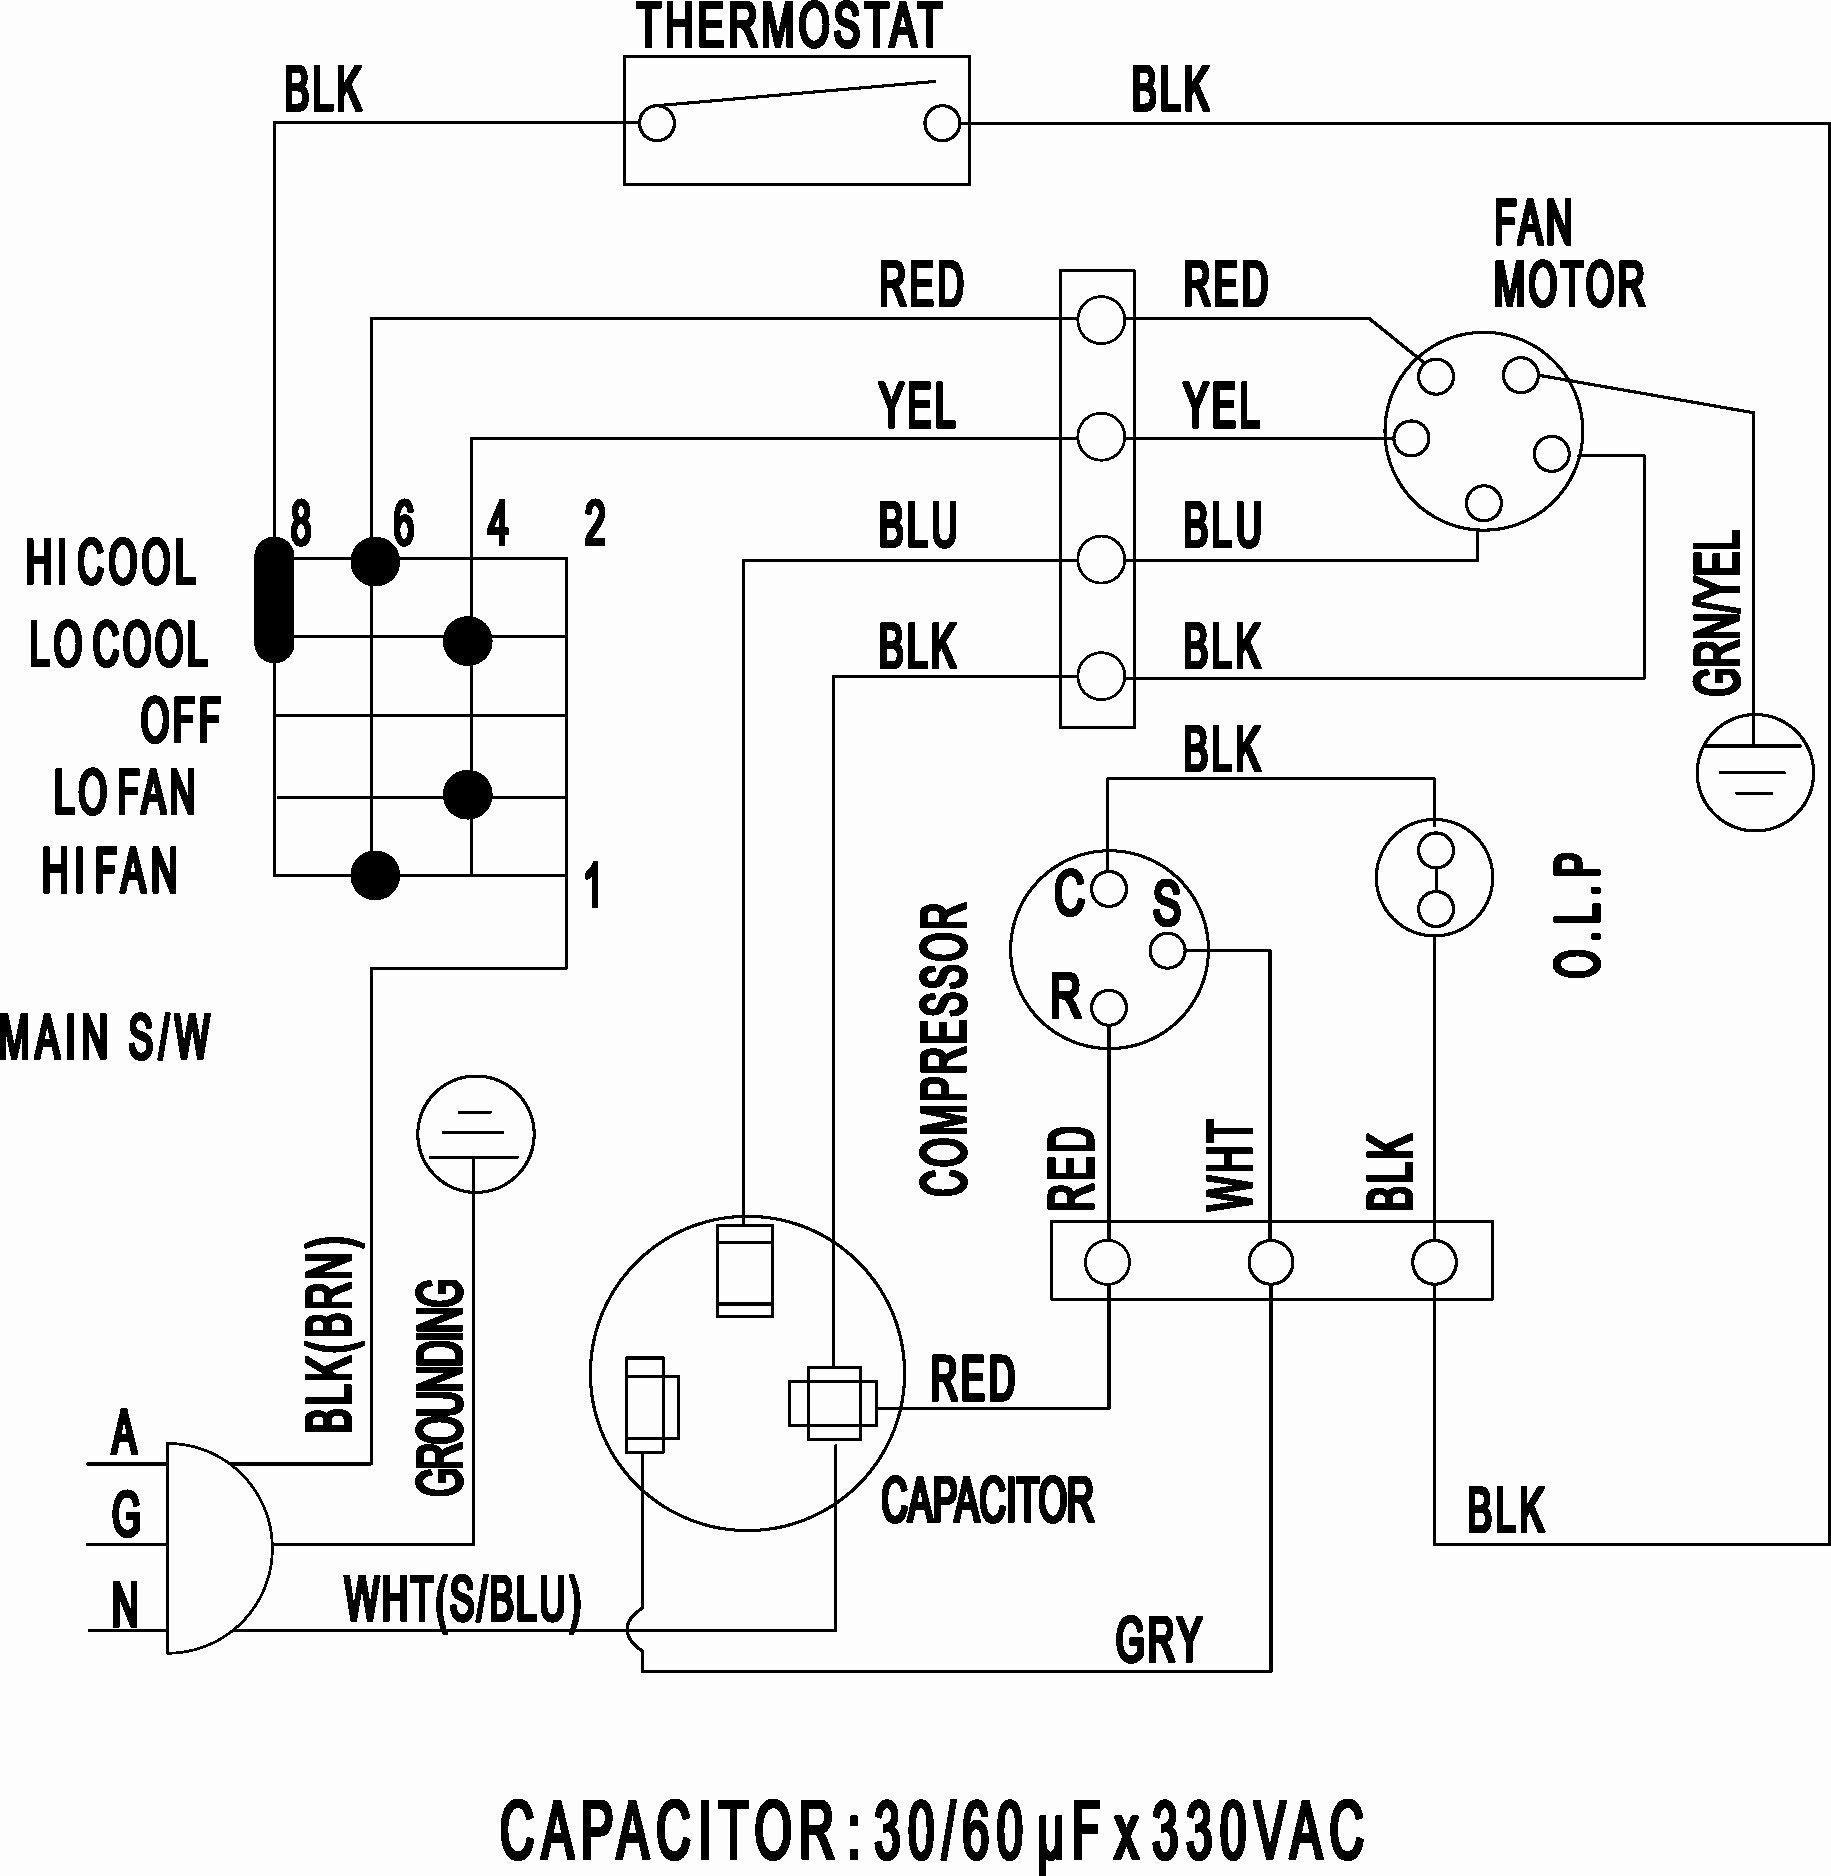 Unique Ryobi Generator Wiring Diagram Electrical Circuit Diagram Ac Wiring Ac Capacitor